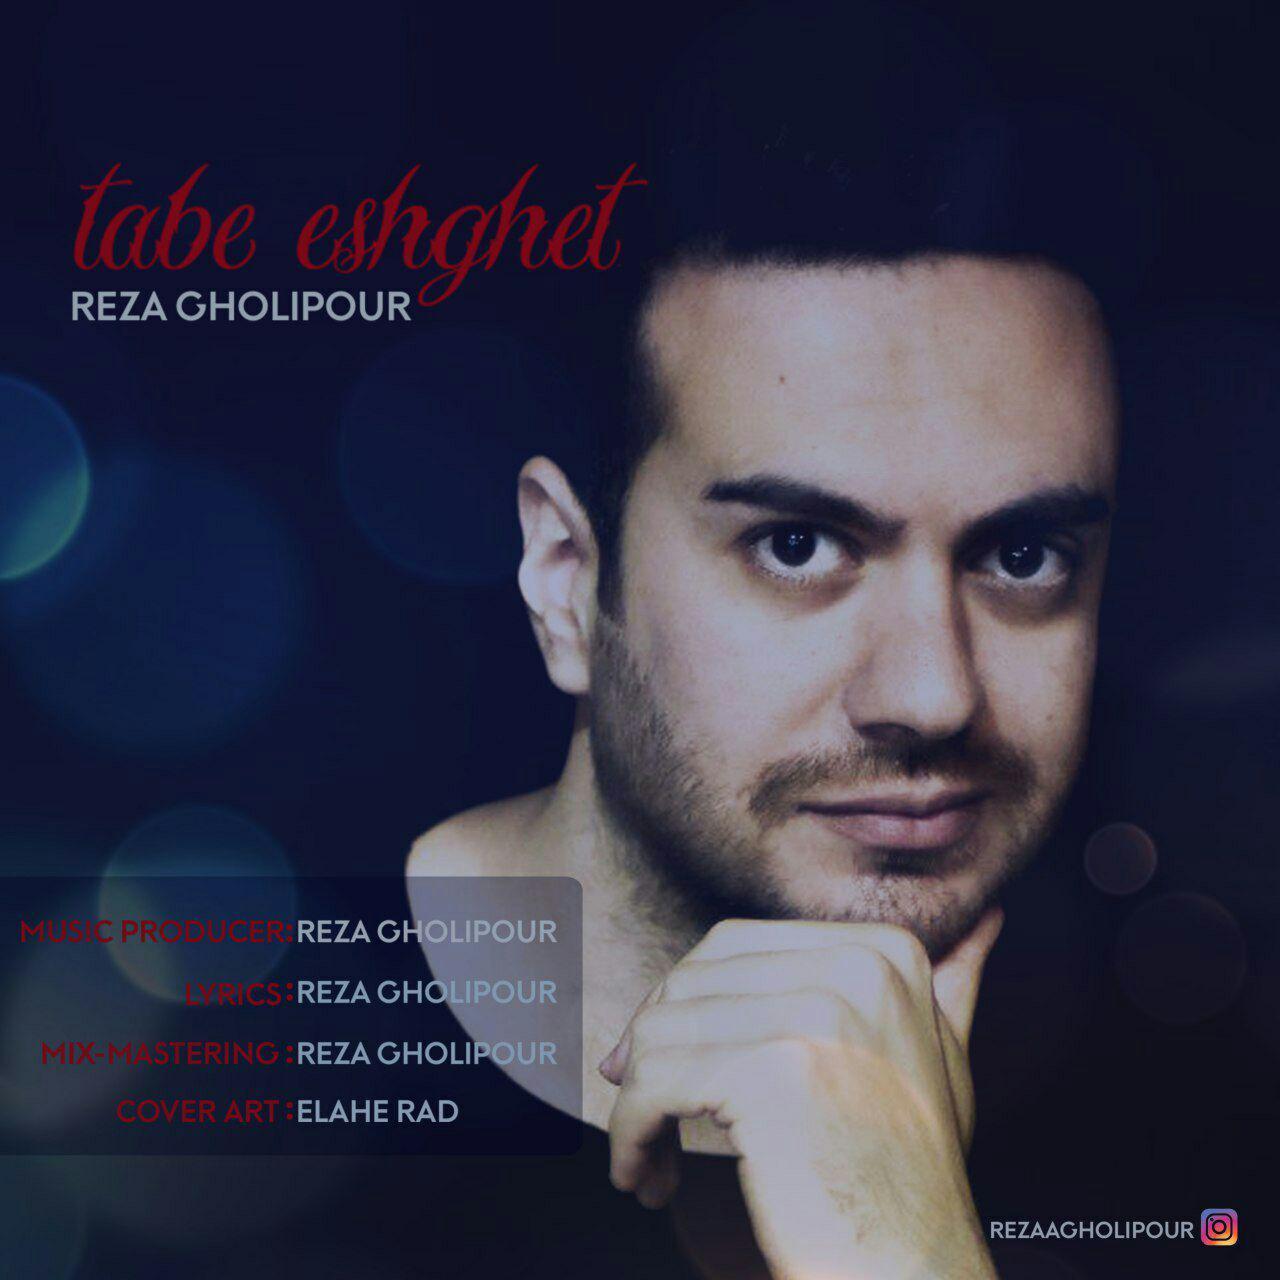 Reza Gholipour – Tabe Eshghet